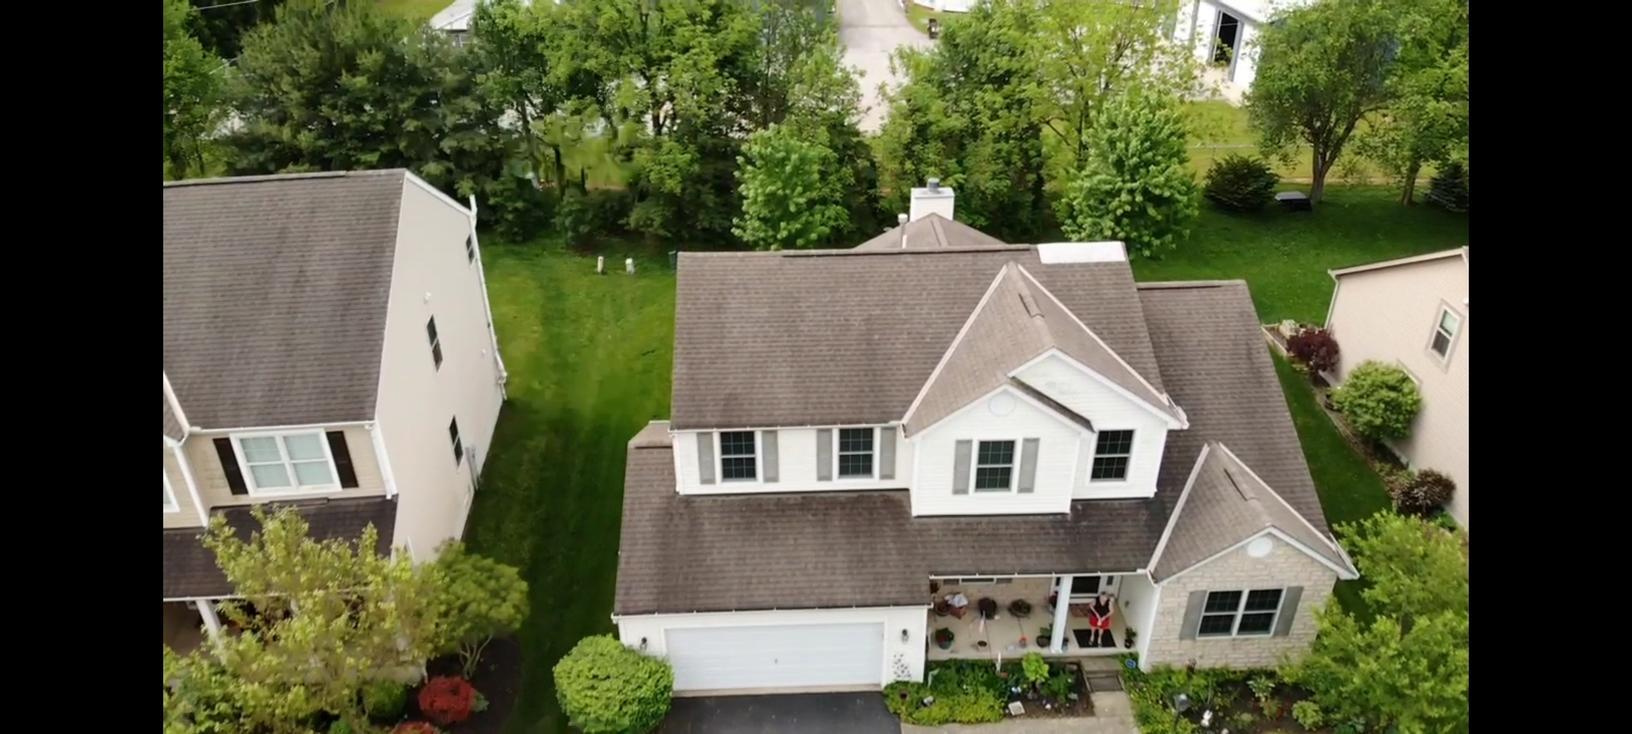 Original Roof in Pickerington, OH